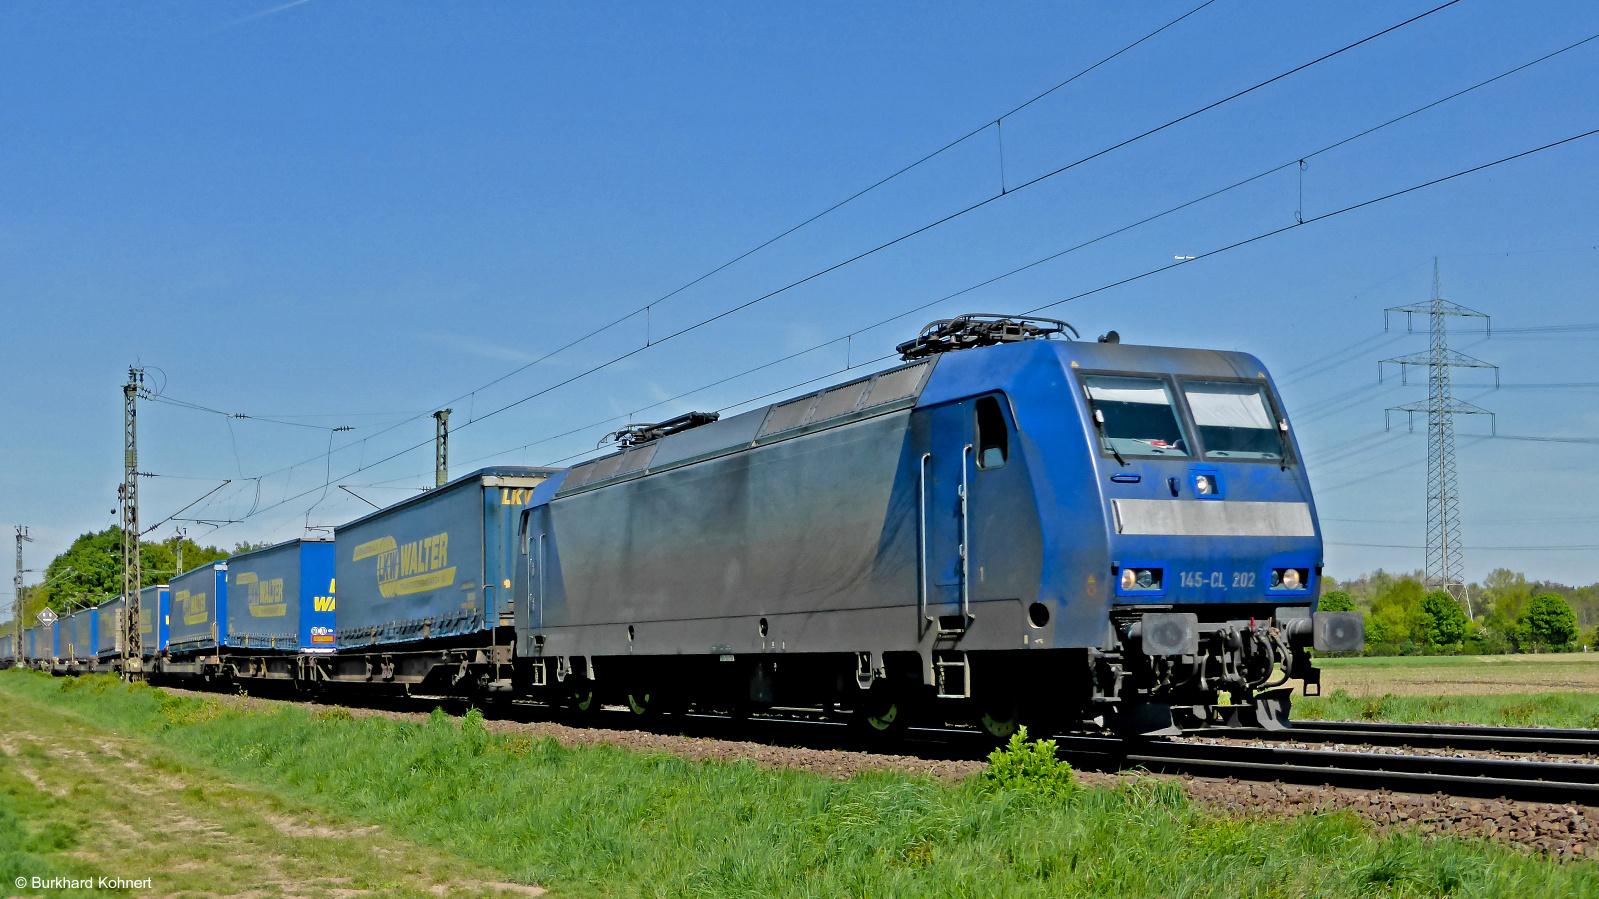 145-CL 202 mit einem Containerzug